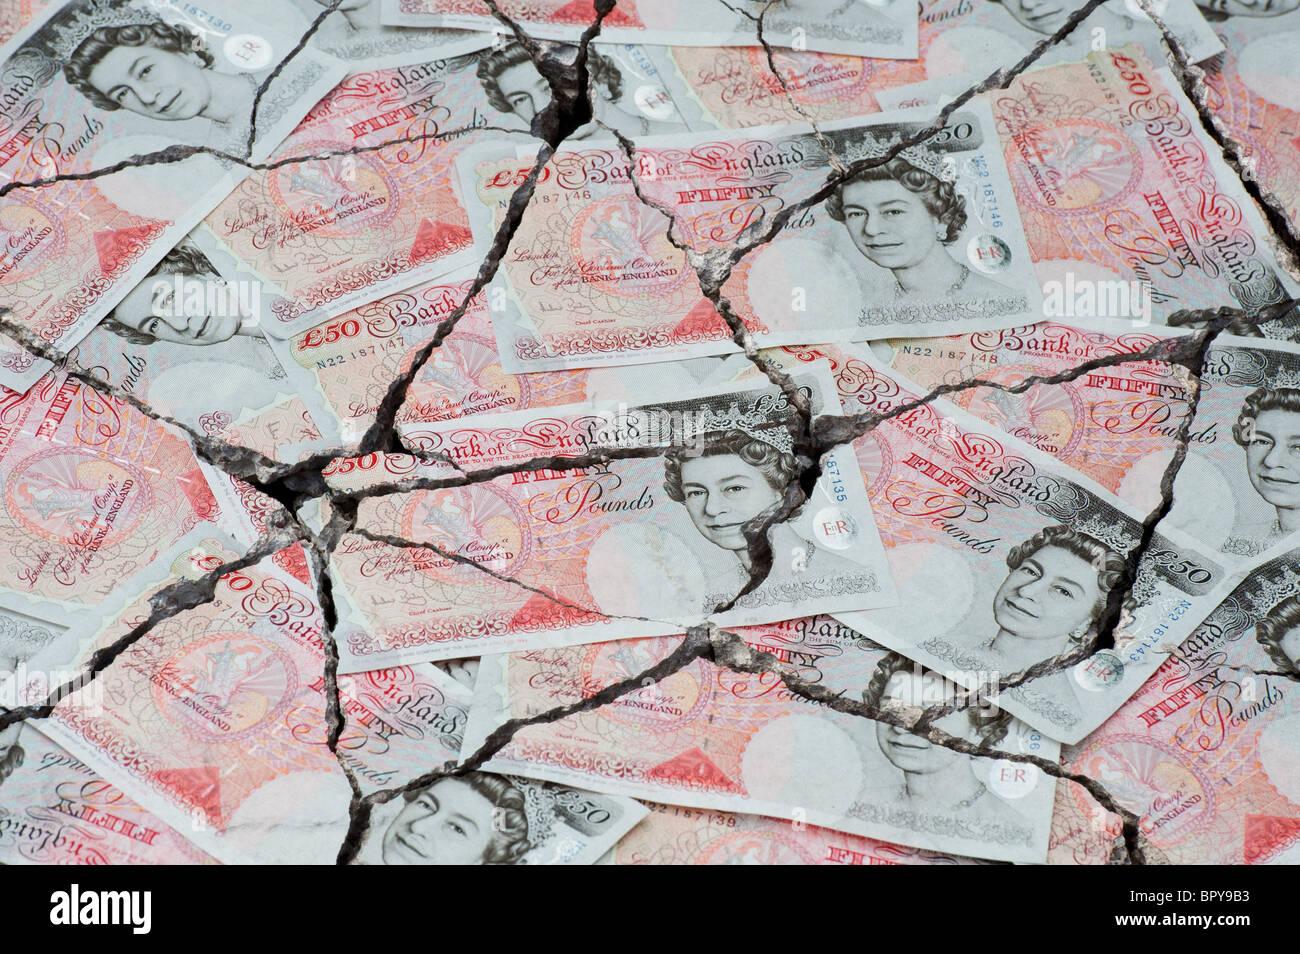 Incrinato cinquanta pound note concetto per rappresentare una crisi economica Immagini Stock